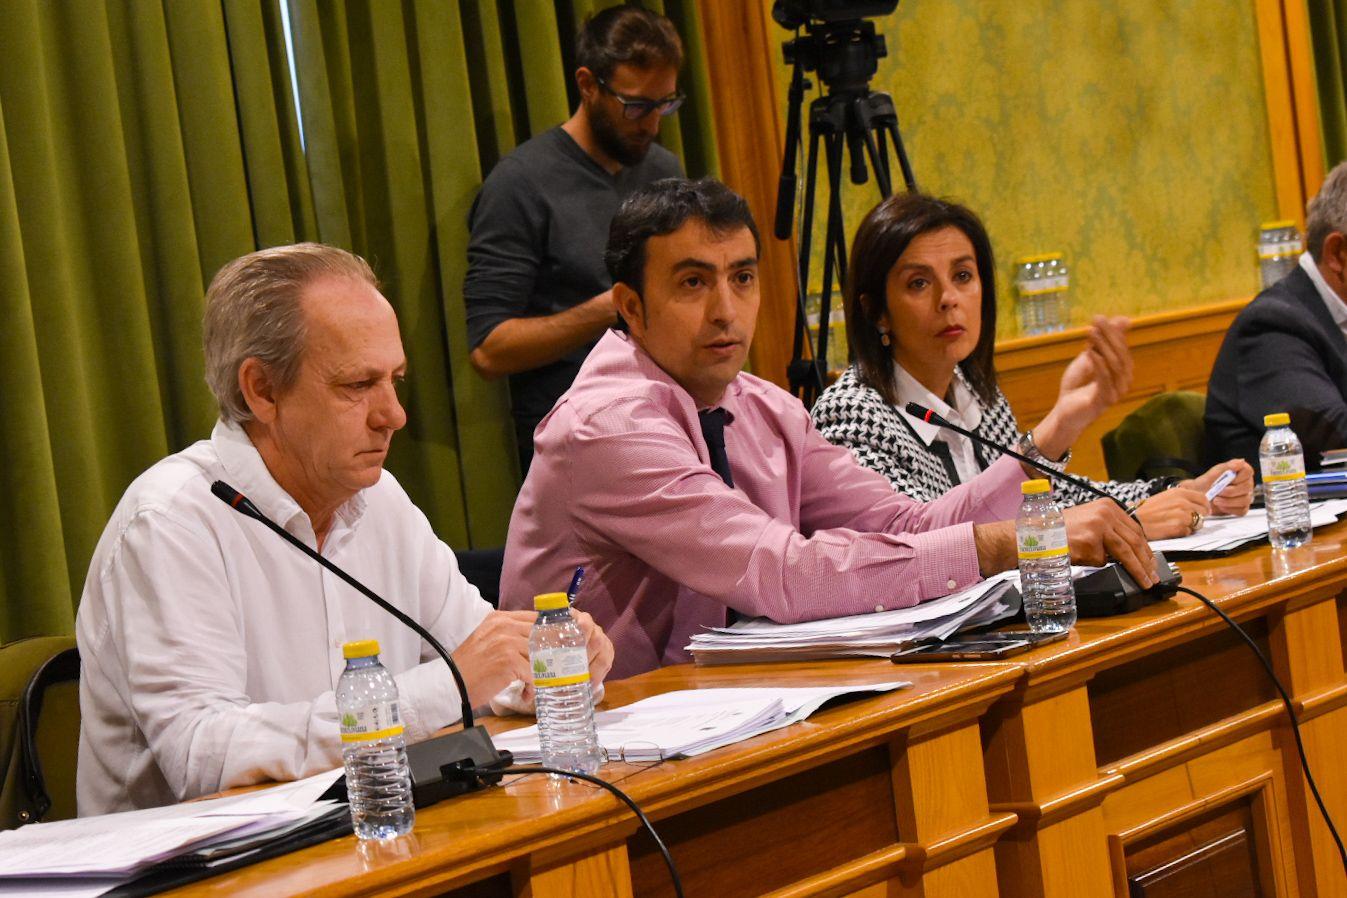 El Grupo Municipal Popular acusa a Dolz de incumplir su palabra y dejación de obligaciones como alcalde frente al botellón